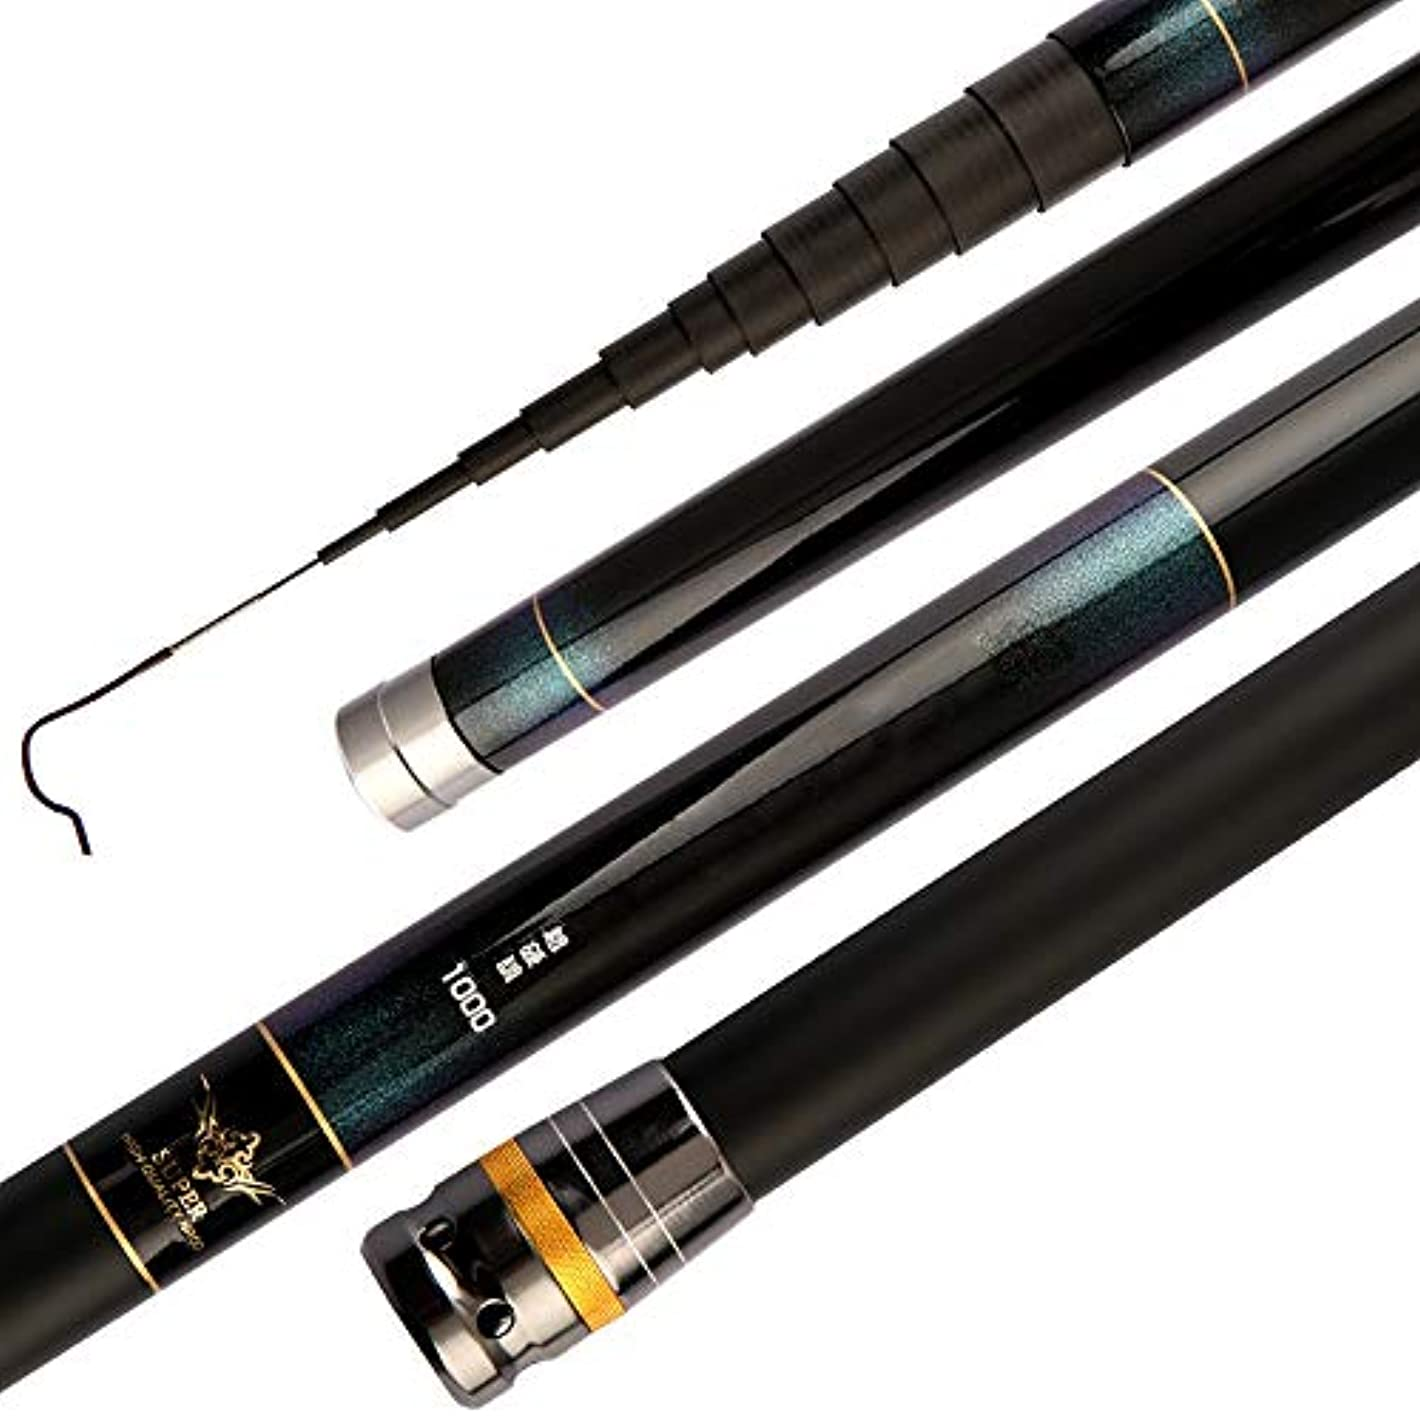 カウボーイ必要性コークスBTXXYJP 釣りロッド 軽量 初心者 釣り 釣り竿 伸縮可能 フィッシングロッド 操作簡単 (Color : ブラック, Size : 9m)